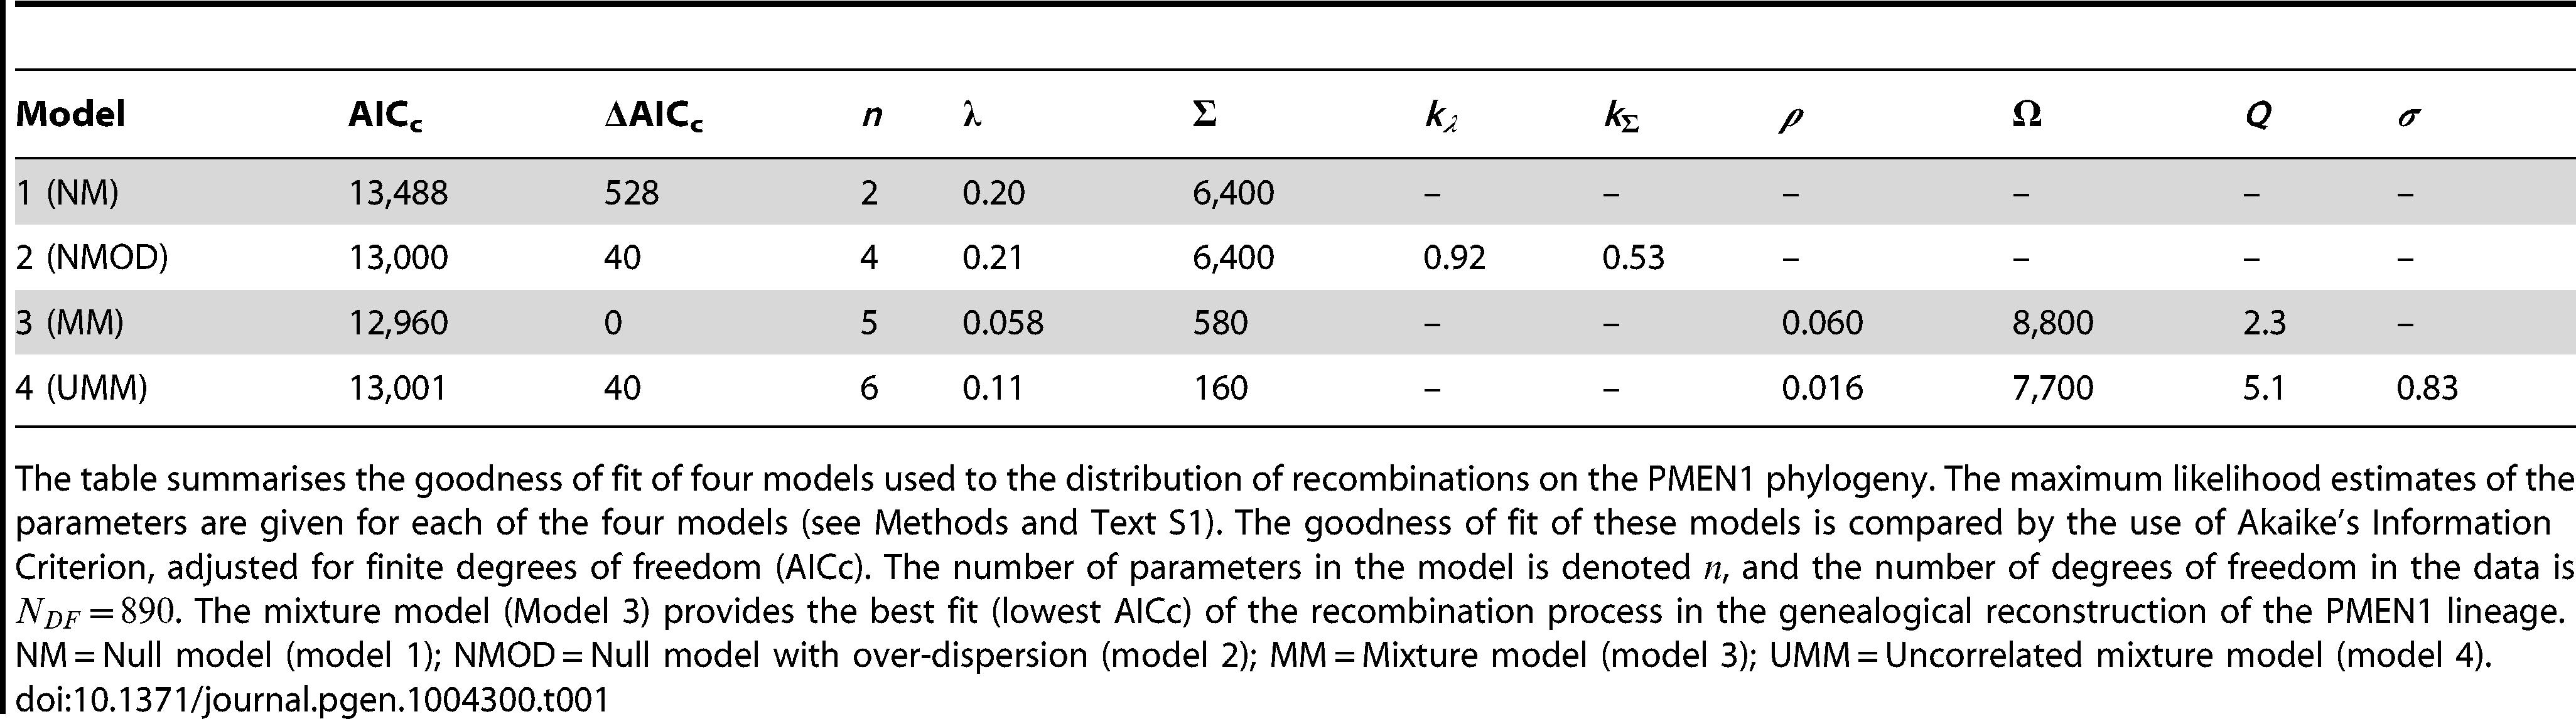 Model comparison for PMEN1 data fit.